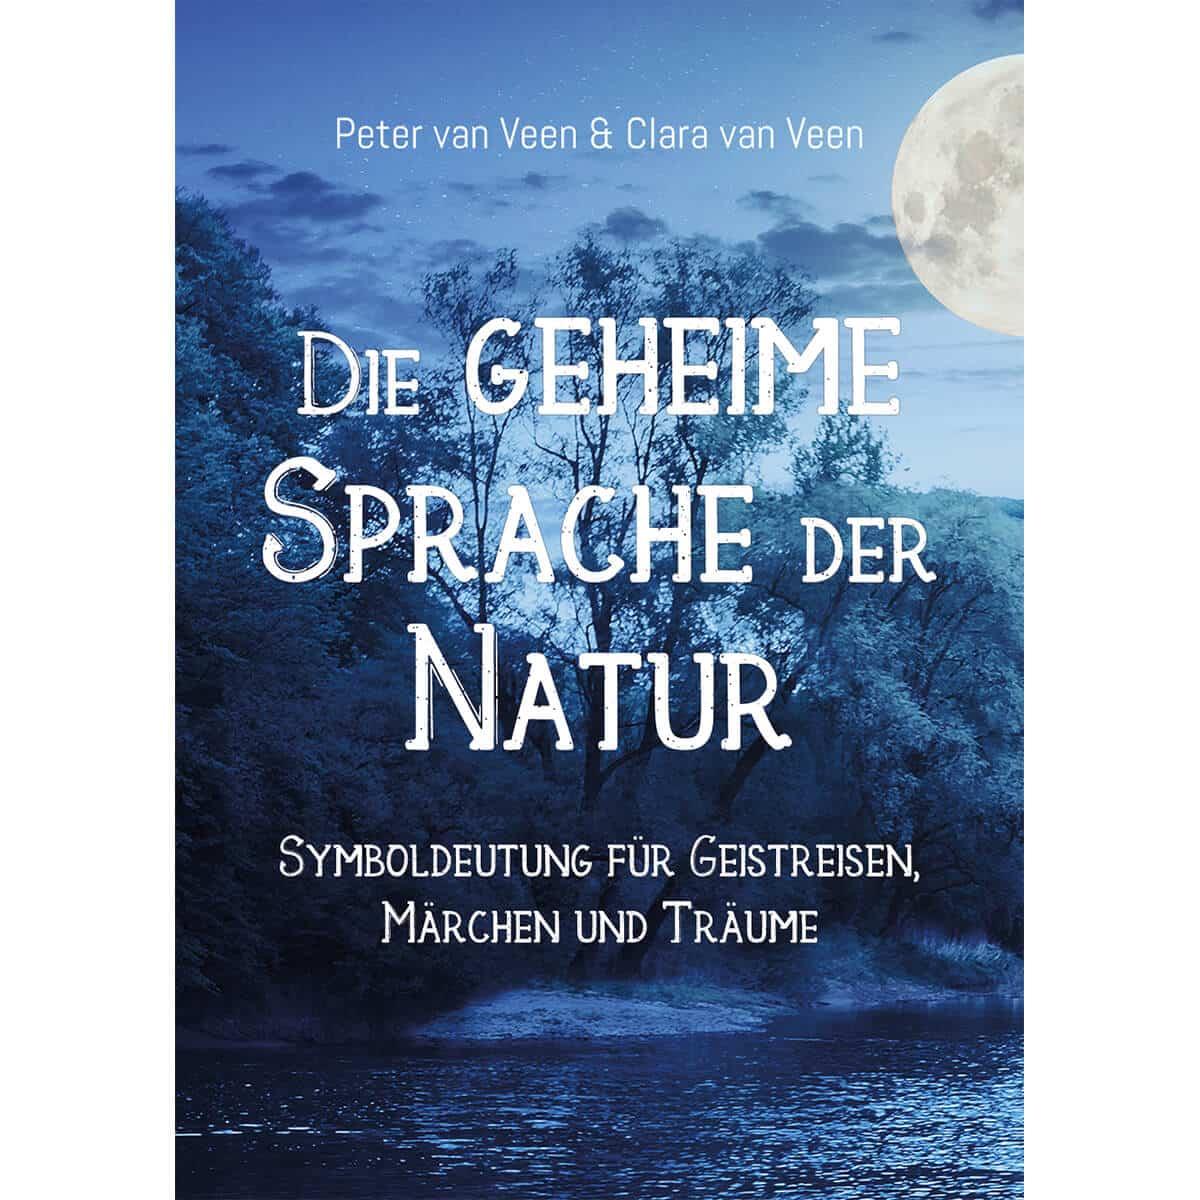 Buch Die geheime Sprache der Natur